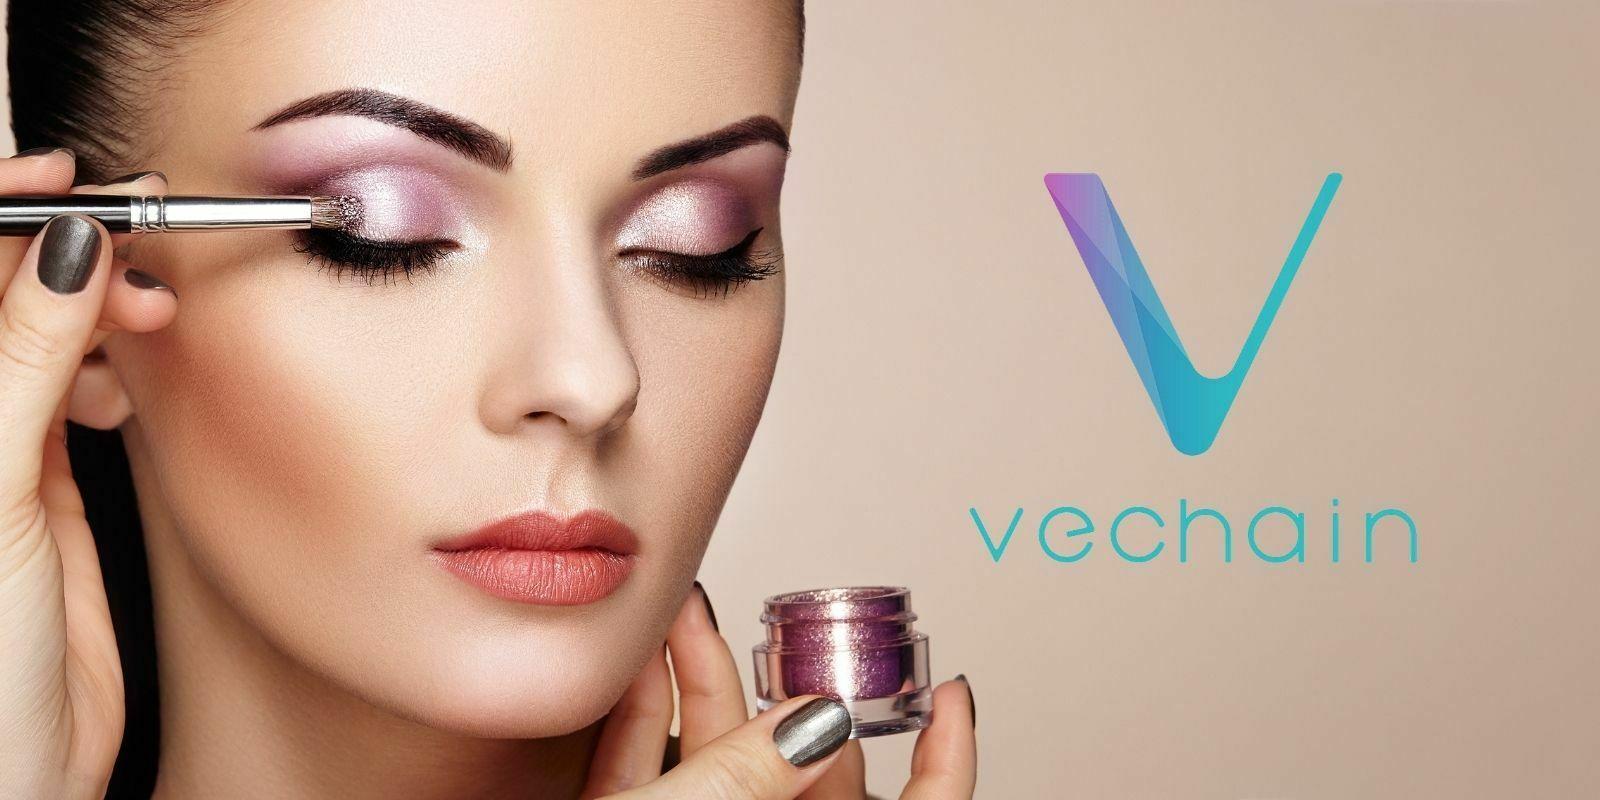 VeChain (VET) s'associe à la société franco-chinoise de cosmétiques Yizhiji